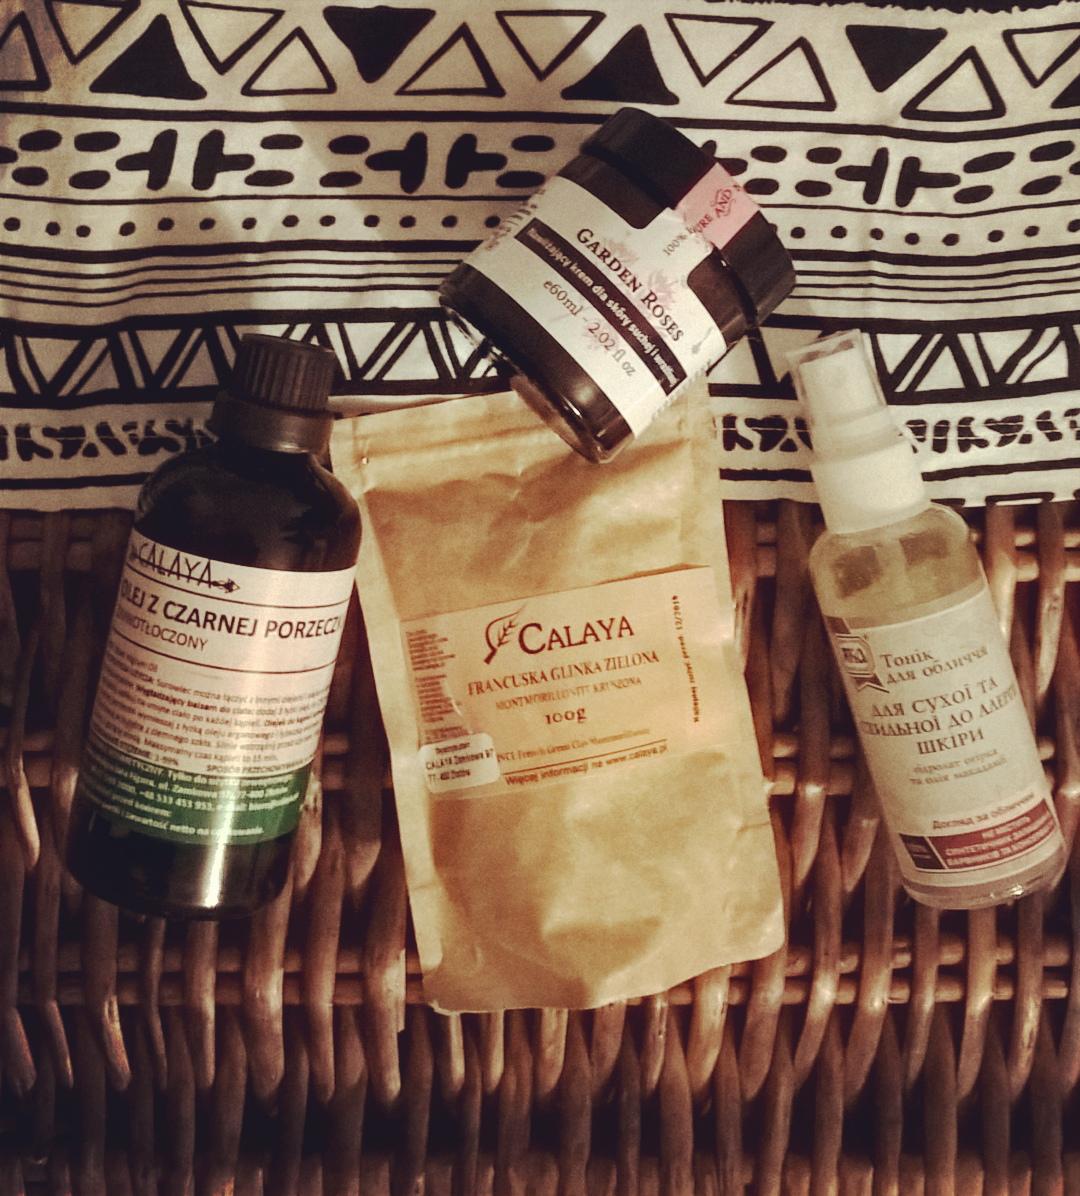 Jak dbać o suchą skórę twarzy zimą olej z czarnej porzeczki calaya, zielona glinka, krem róża make me bio opinie, tonik yaka